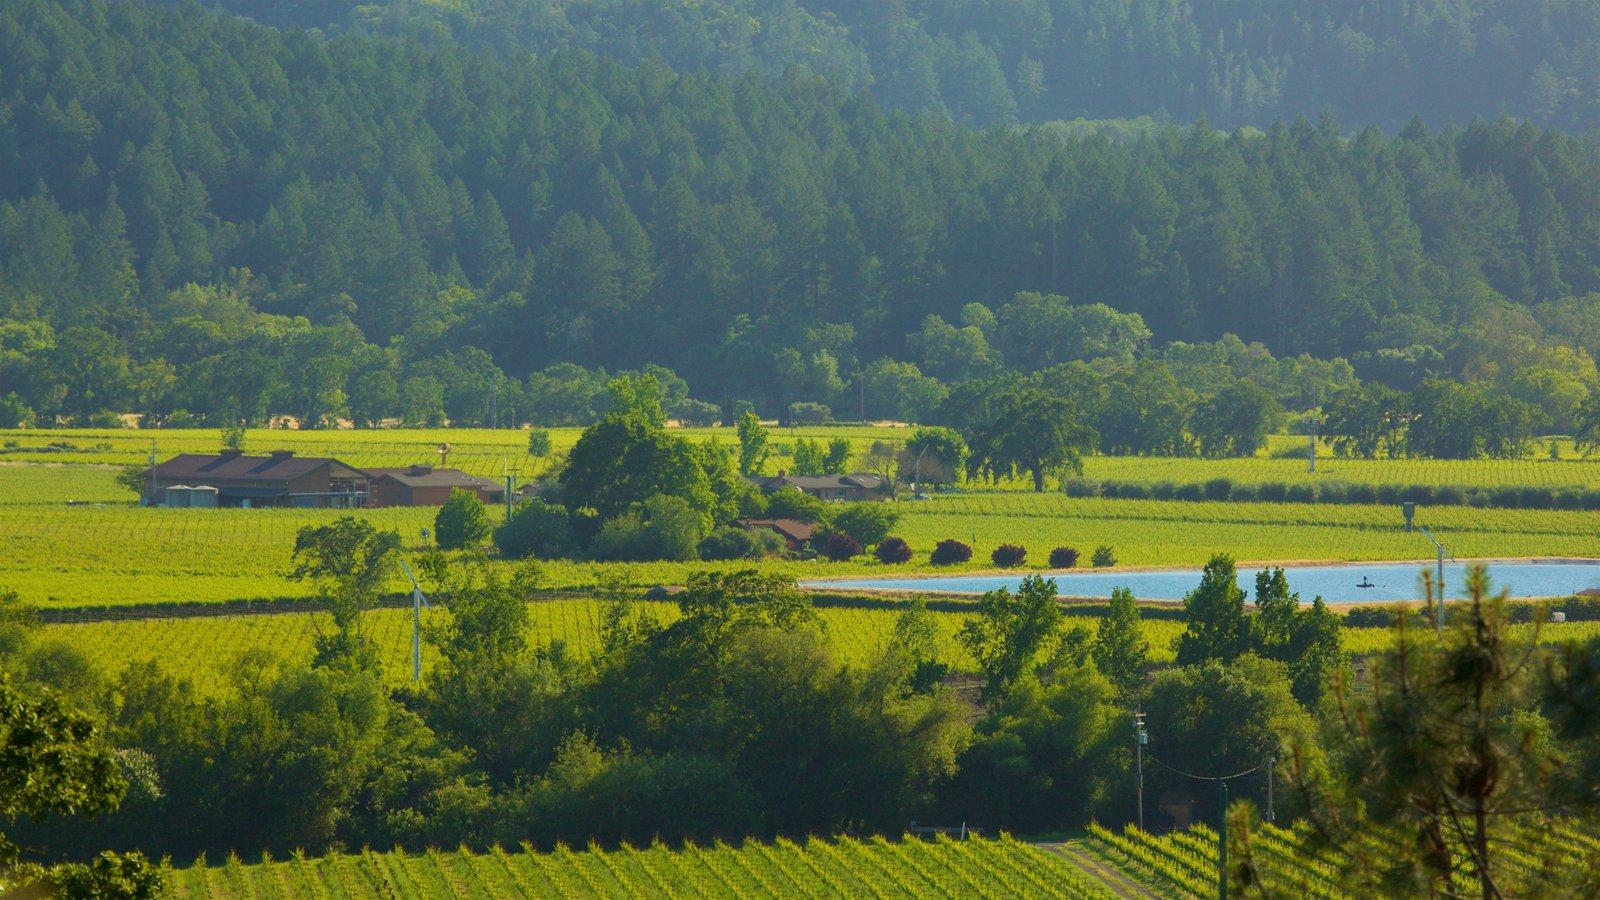 Napa Valley ofreciendo escenas tranquilas, tierras de cultivo y un lago o abrevadero